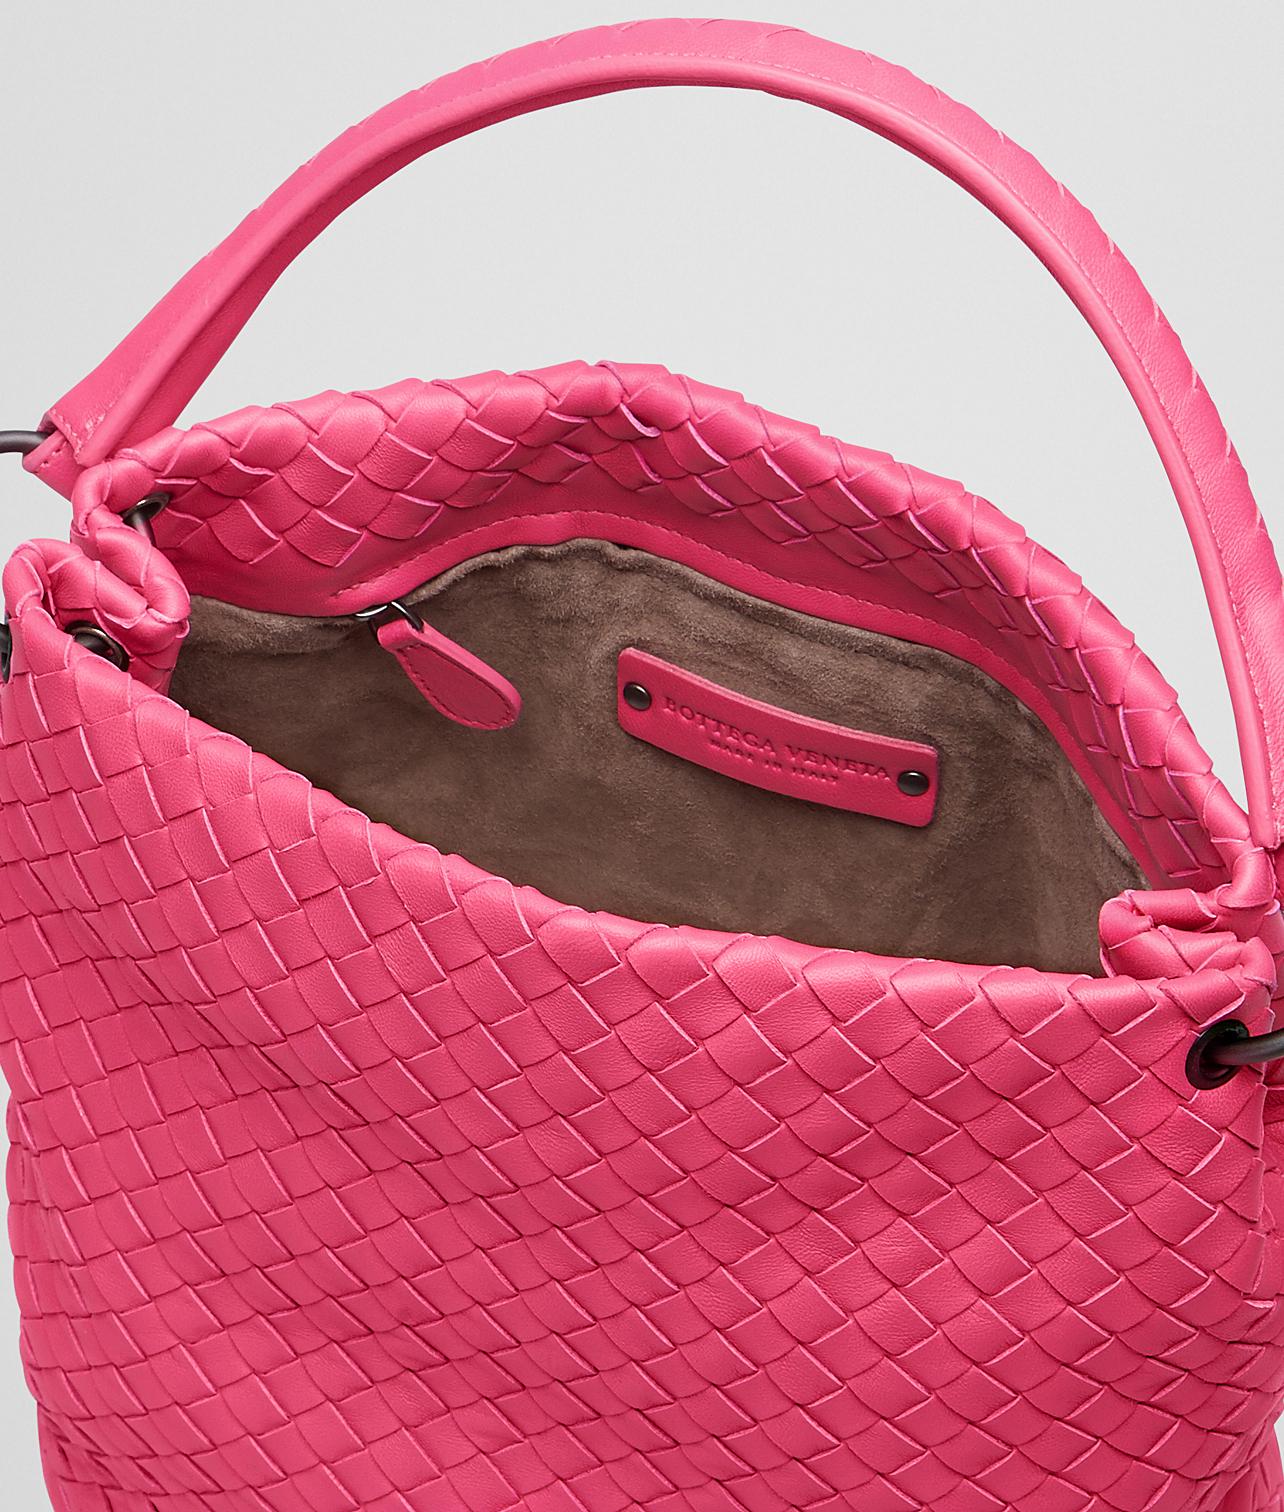 Bottega veneta Rosa Shock Intrecciato Nappa Bag in Pink (Rosa . 4488965c9c0d5